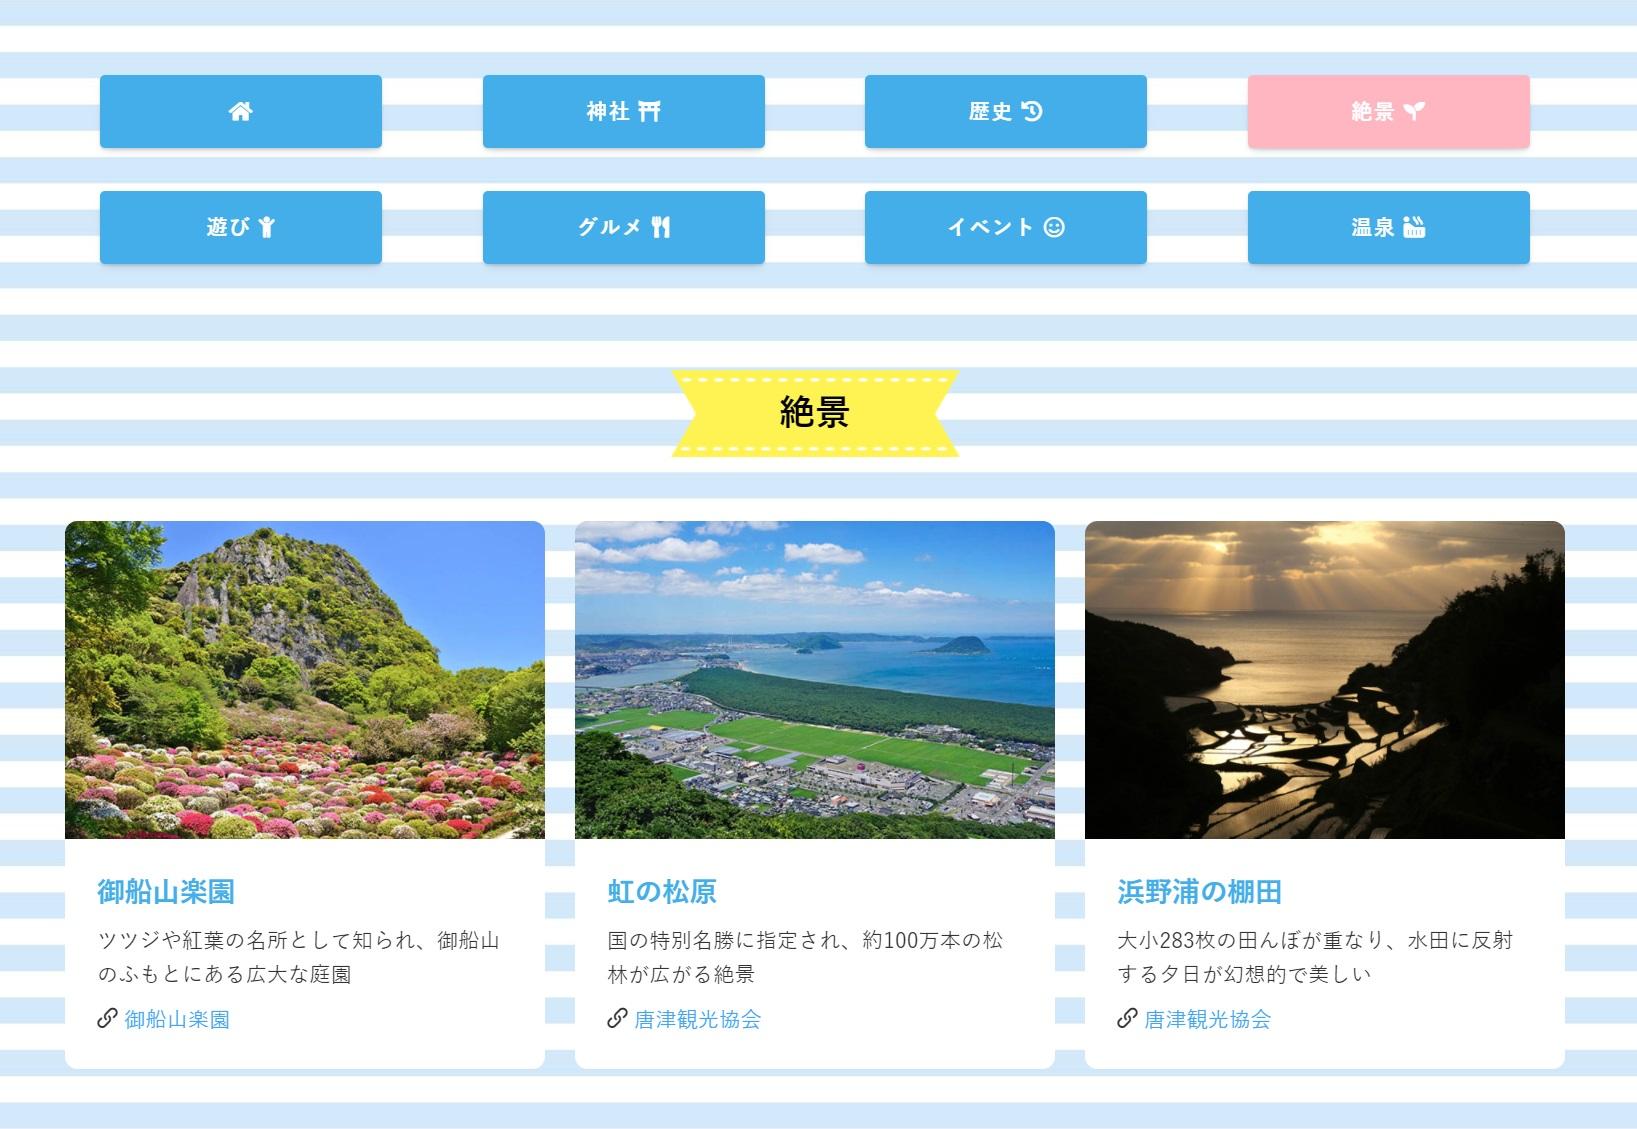 SWELLを使用した旅行のホームページ